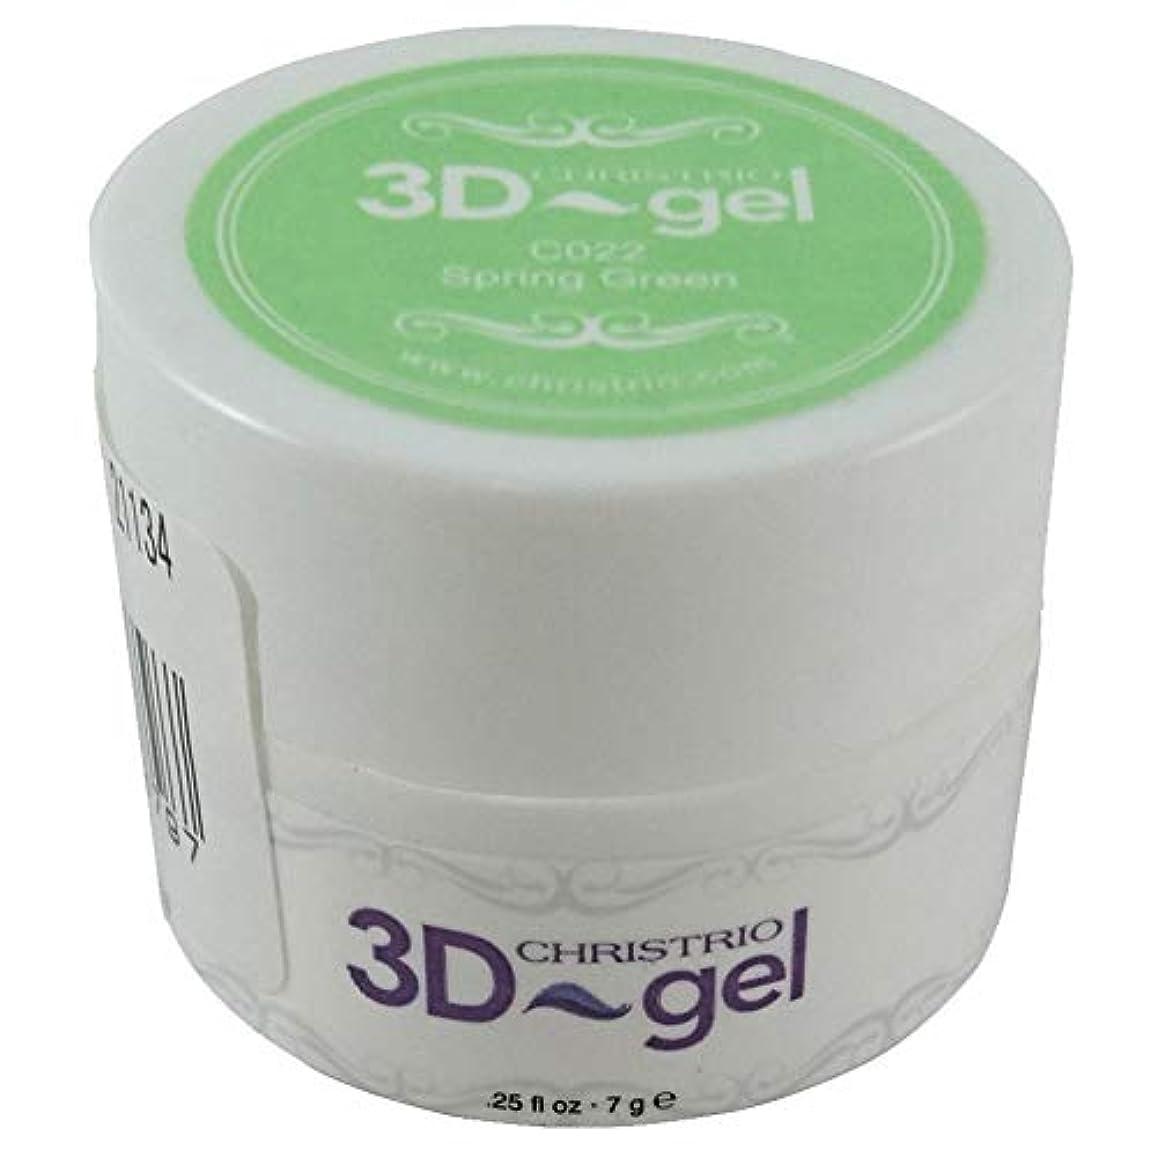 象帳面かわいらしいCHRISTRIO 3Dジェル 7g C022 スプリンググリーン